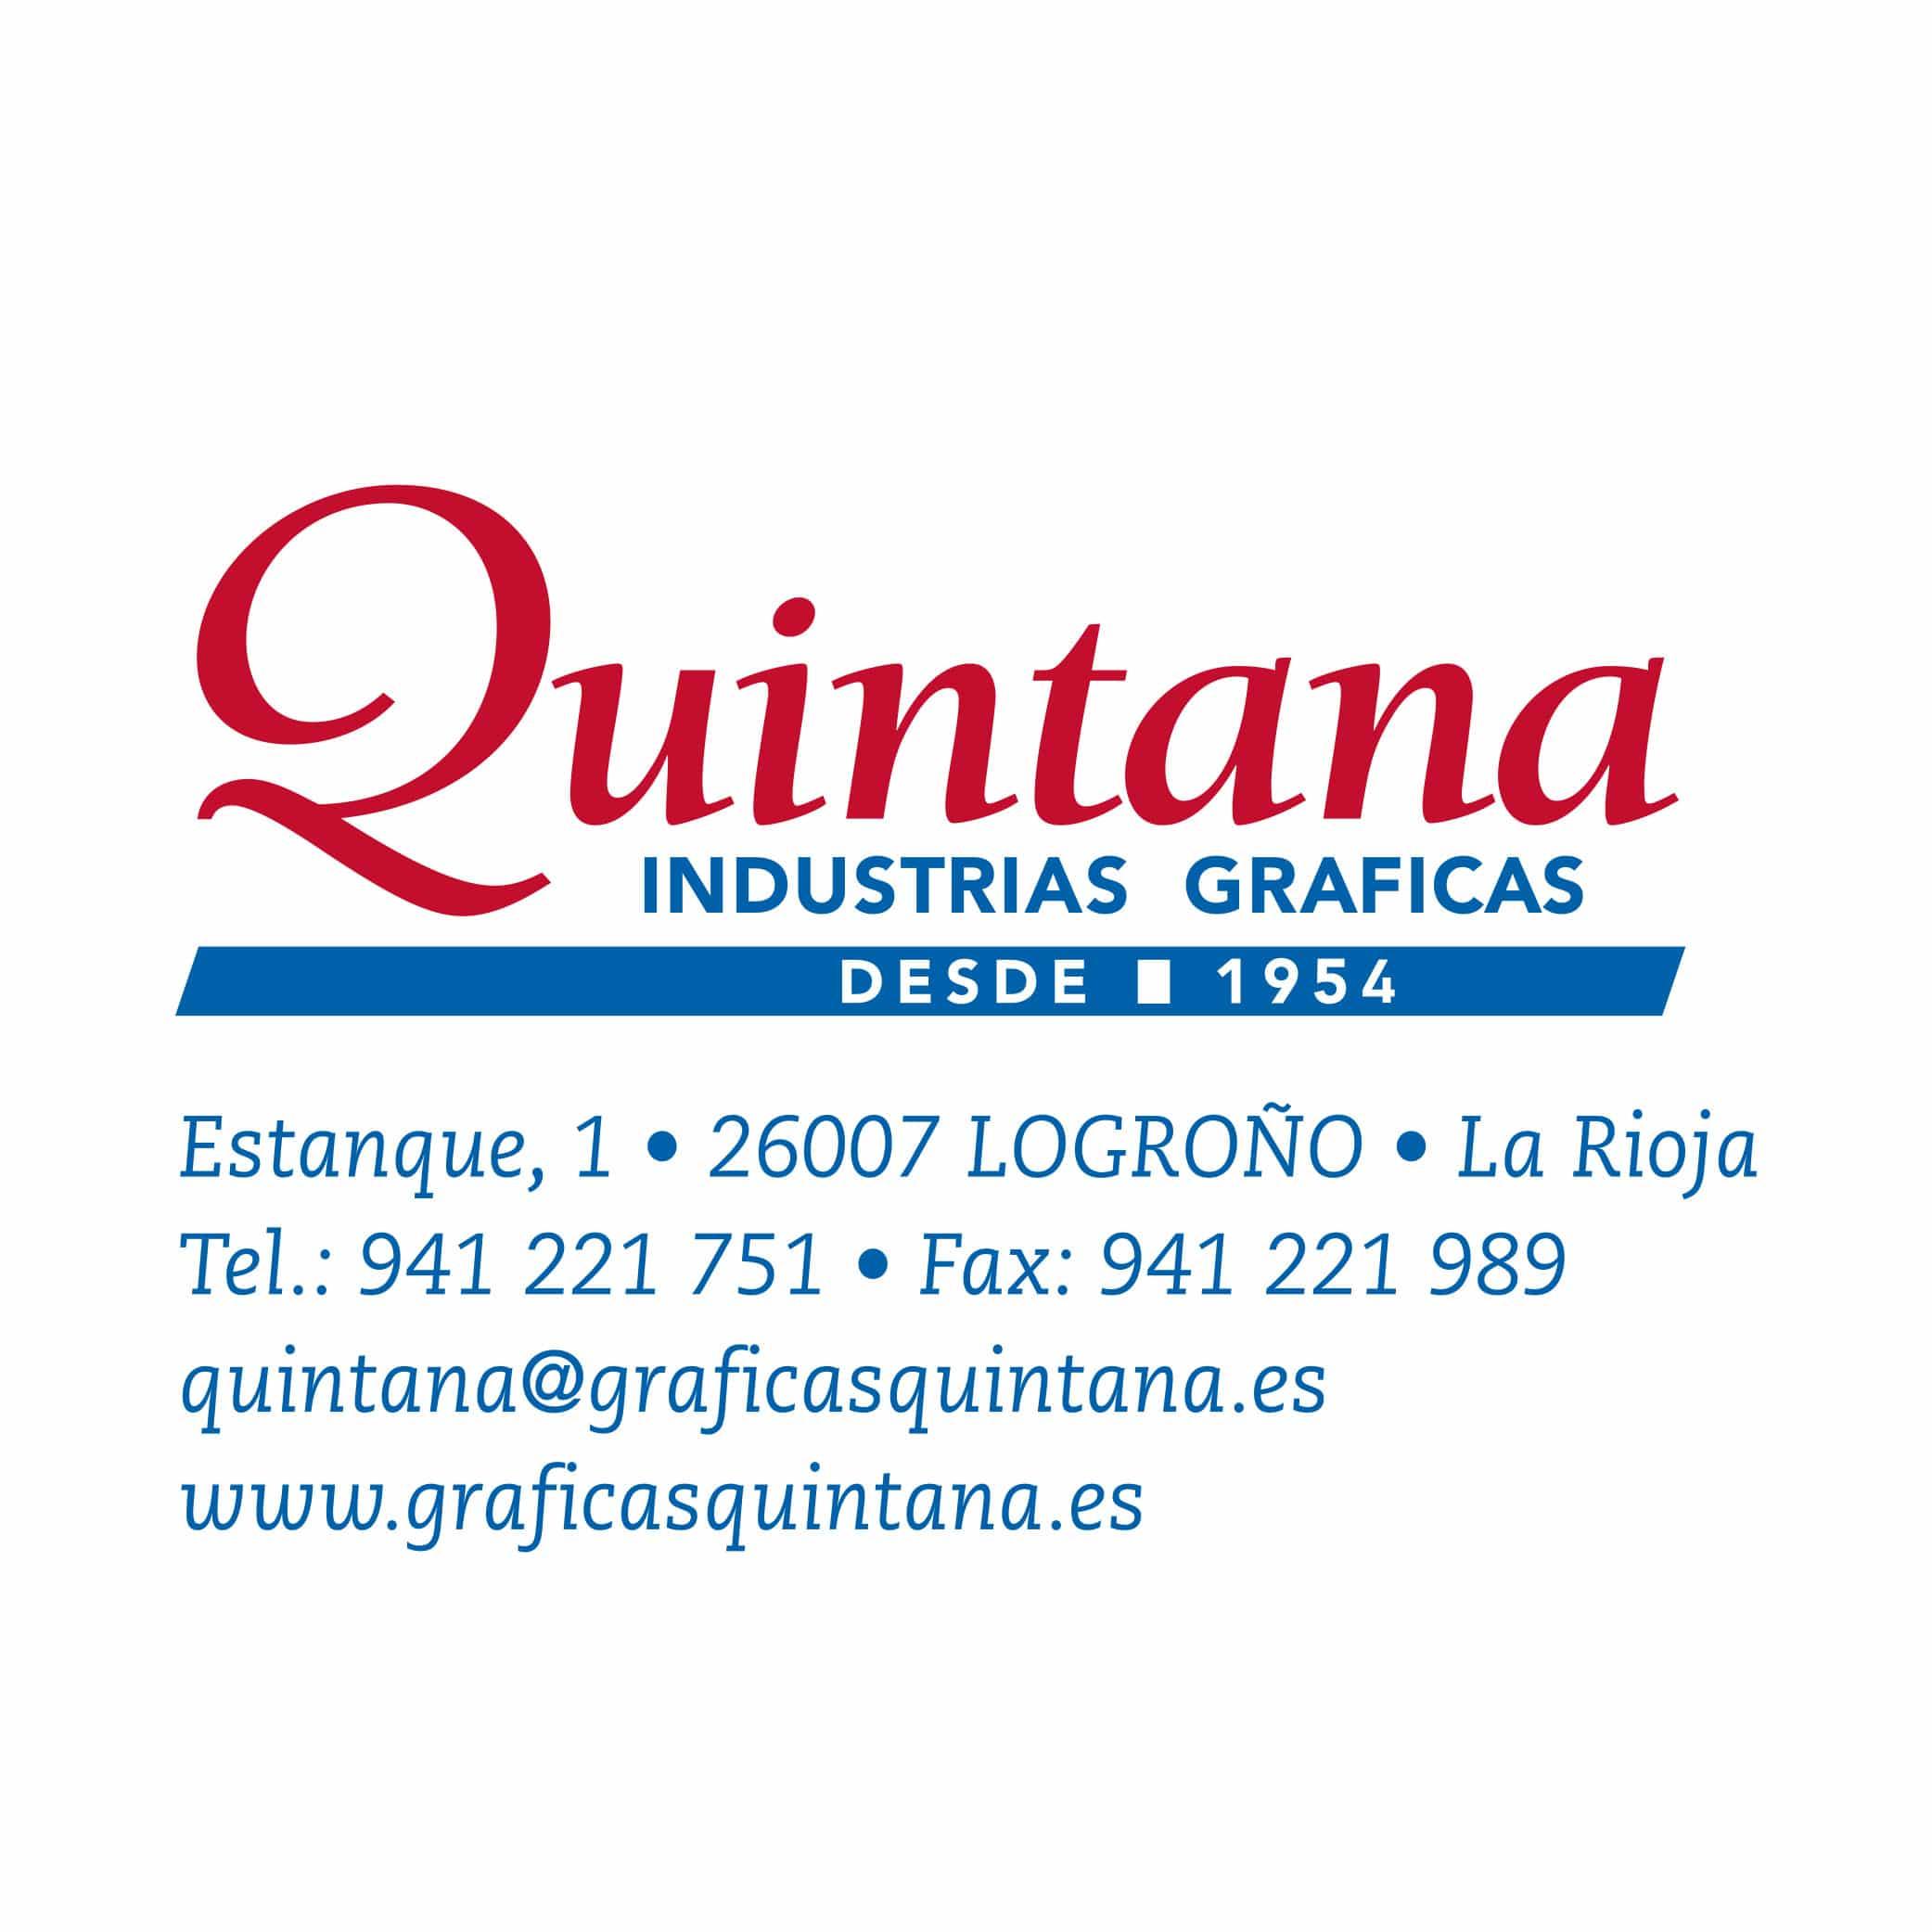 Quintana Gráficas